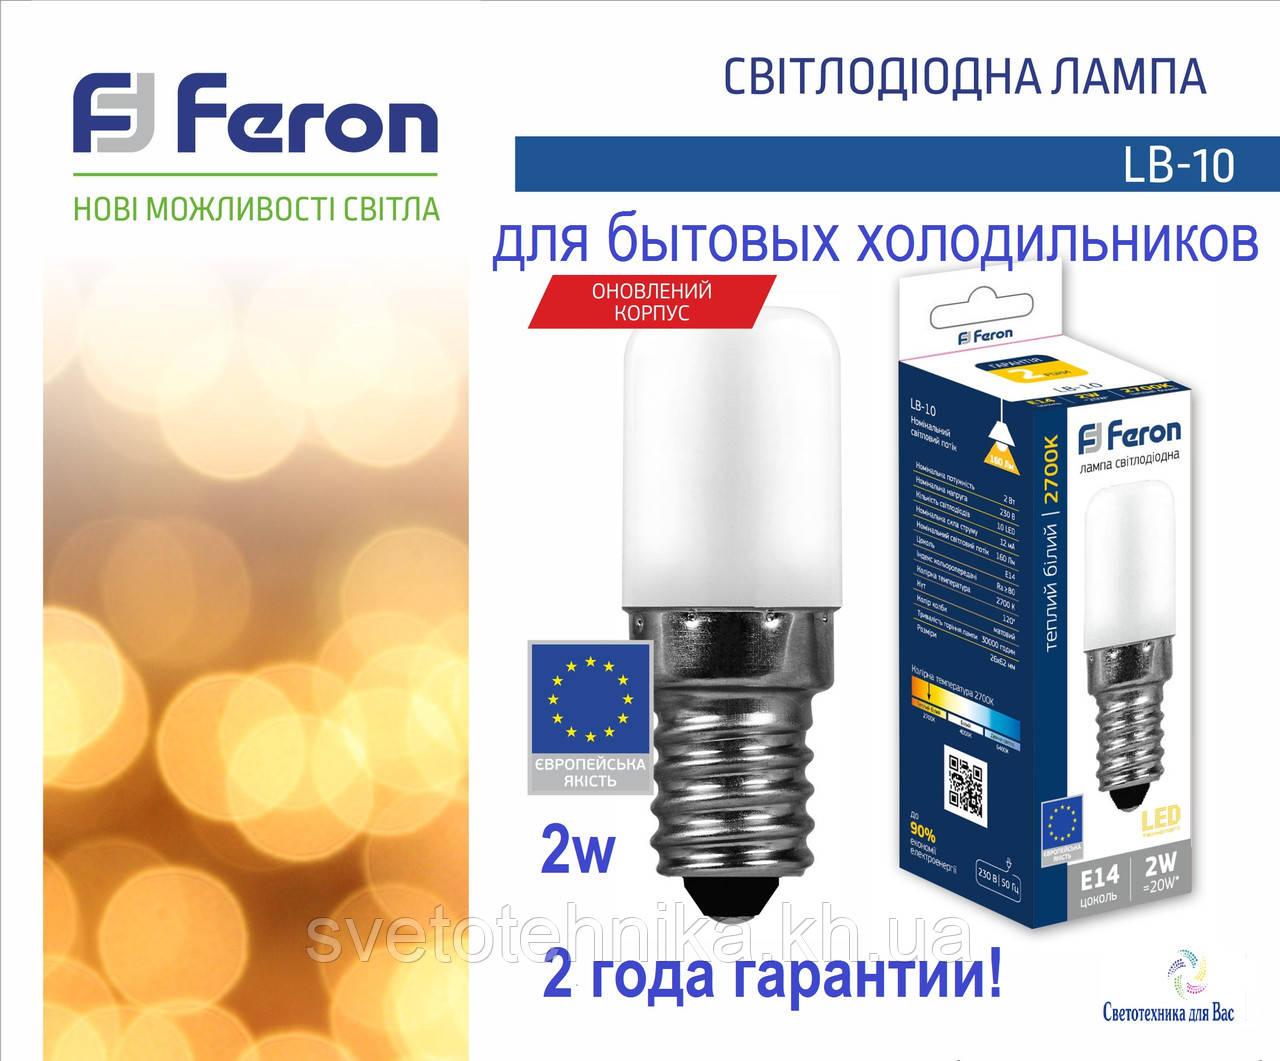 Светодиодная лампа для бытовых холодильников типа Т26 Feron LB-10 2W 2700K